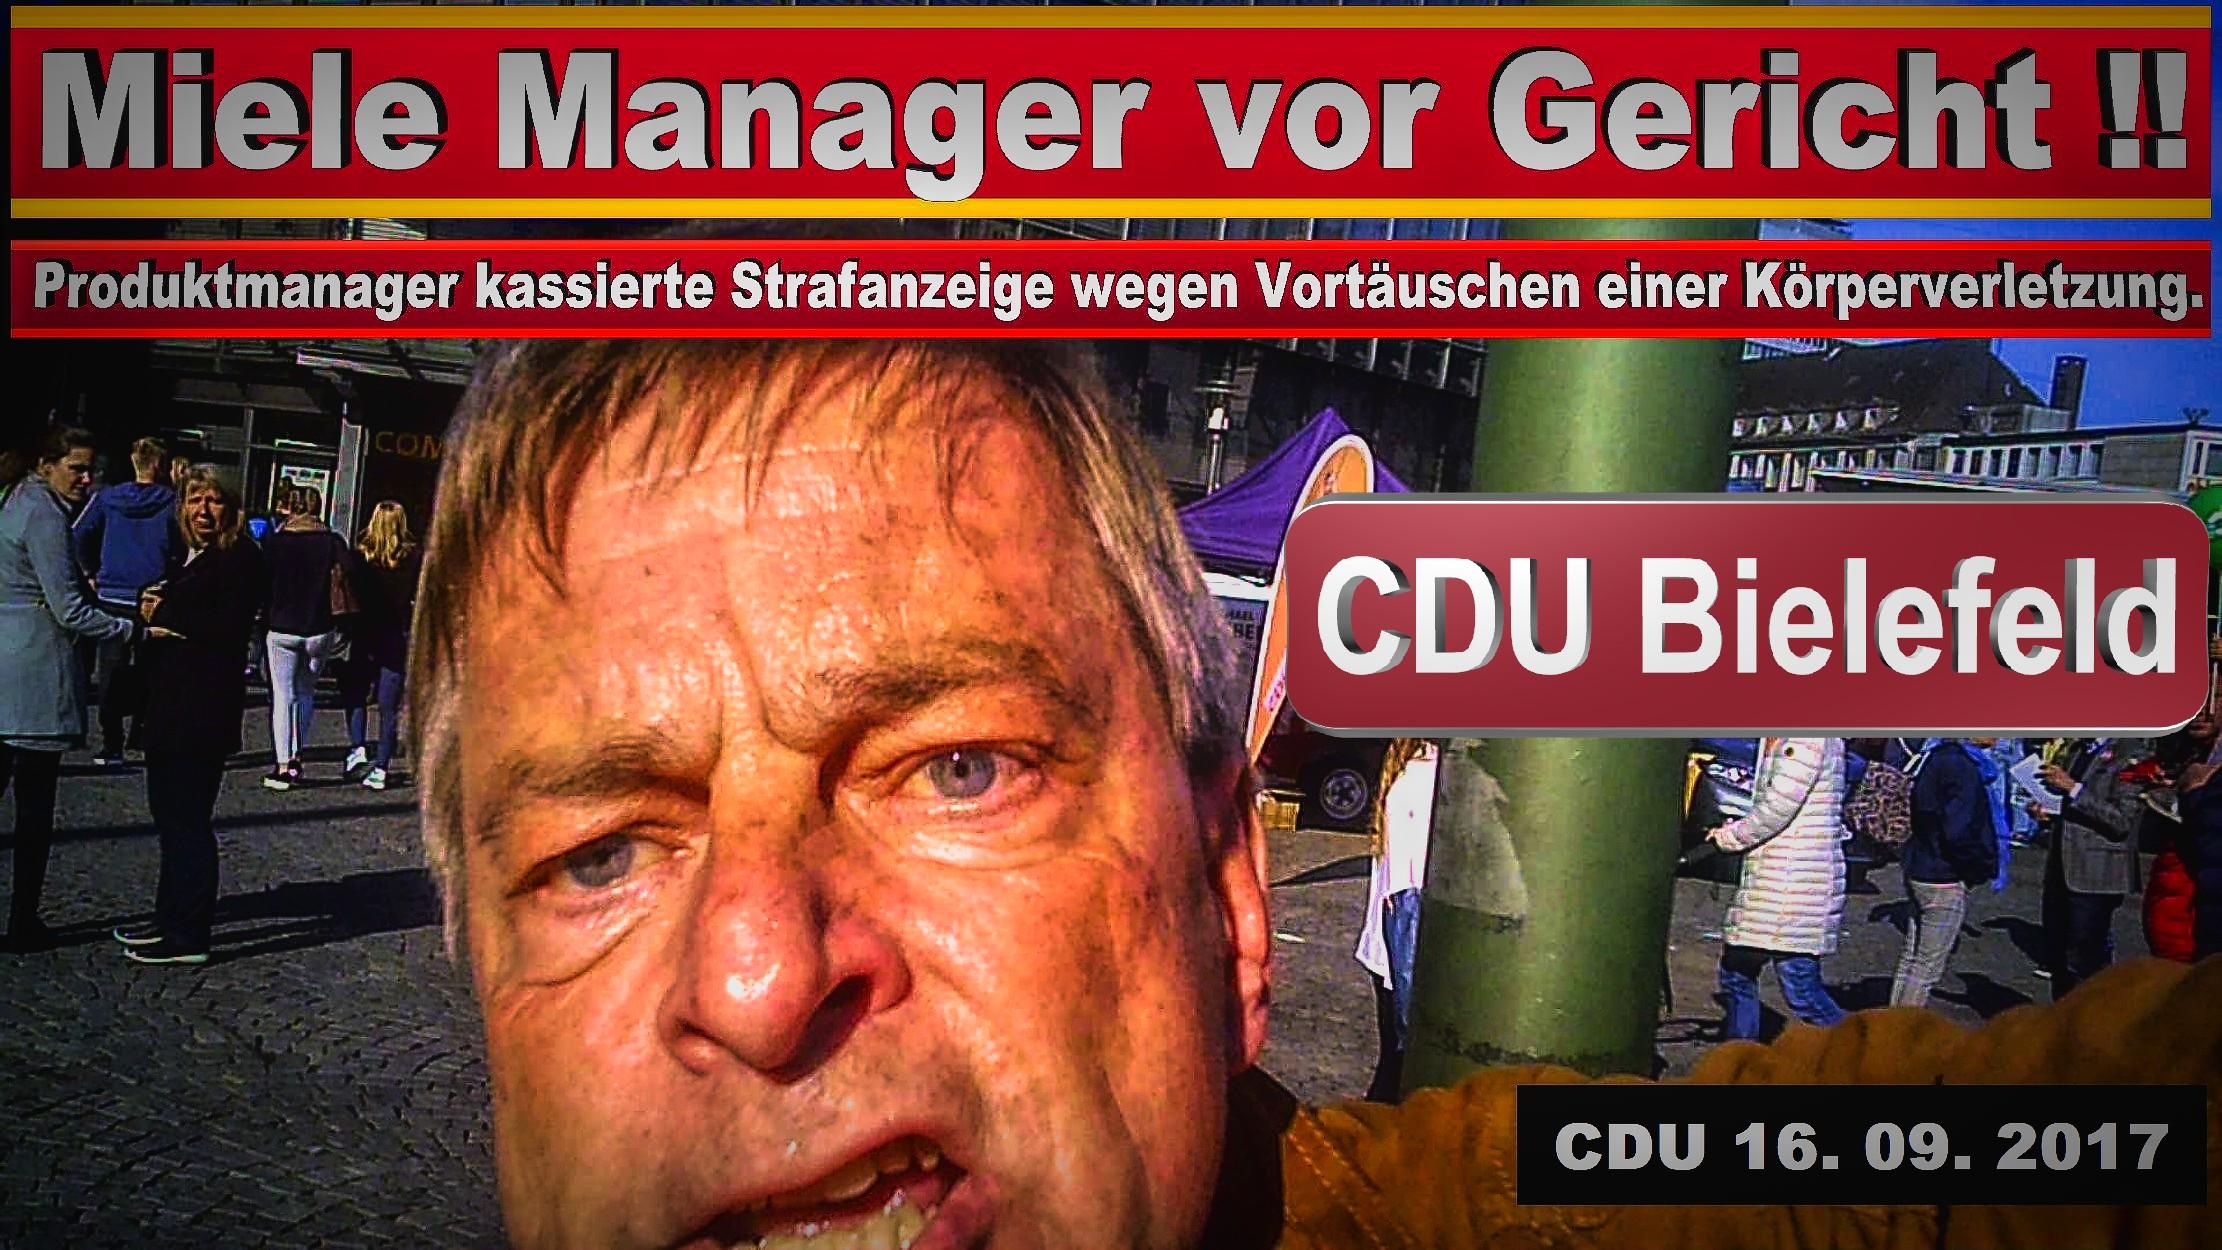 MICHAEL WEBER MIELE GüTERSLOH CDU BIELEFELD POLIZEIGEWALT GEWALTAUSBRUCH UND STRAFANZEIGE GEGEN EINEN JOURNALISTEN (FGJN1) EDIT KOPIE (3)